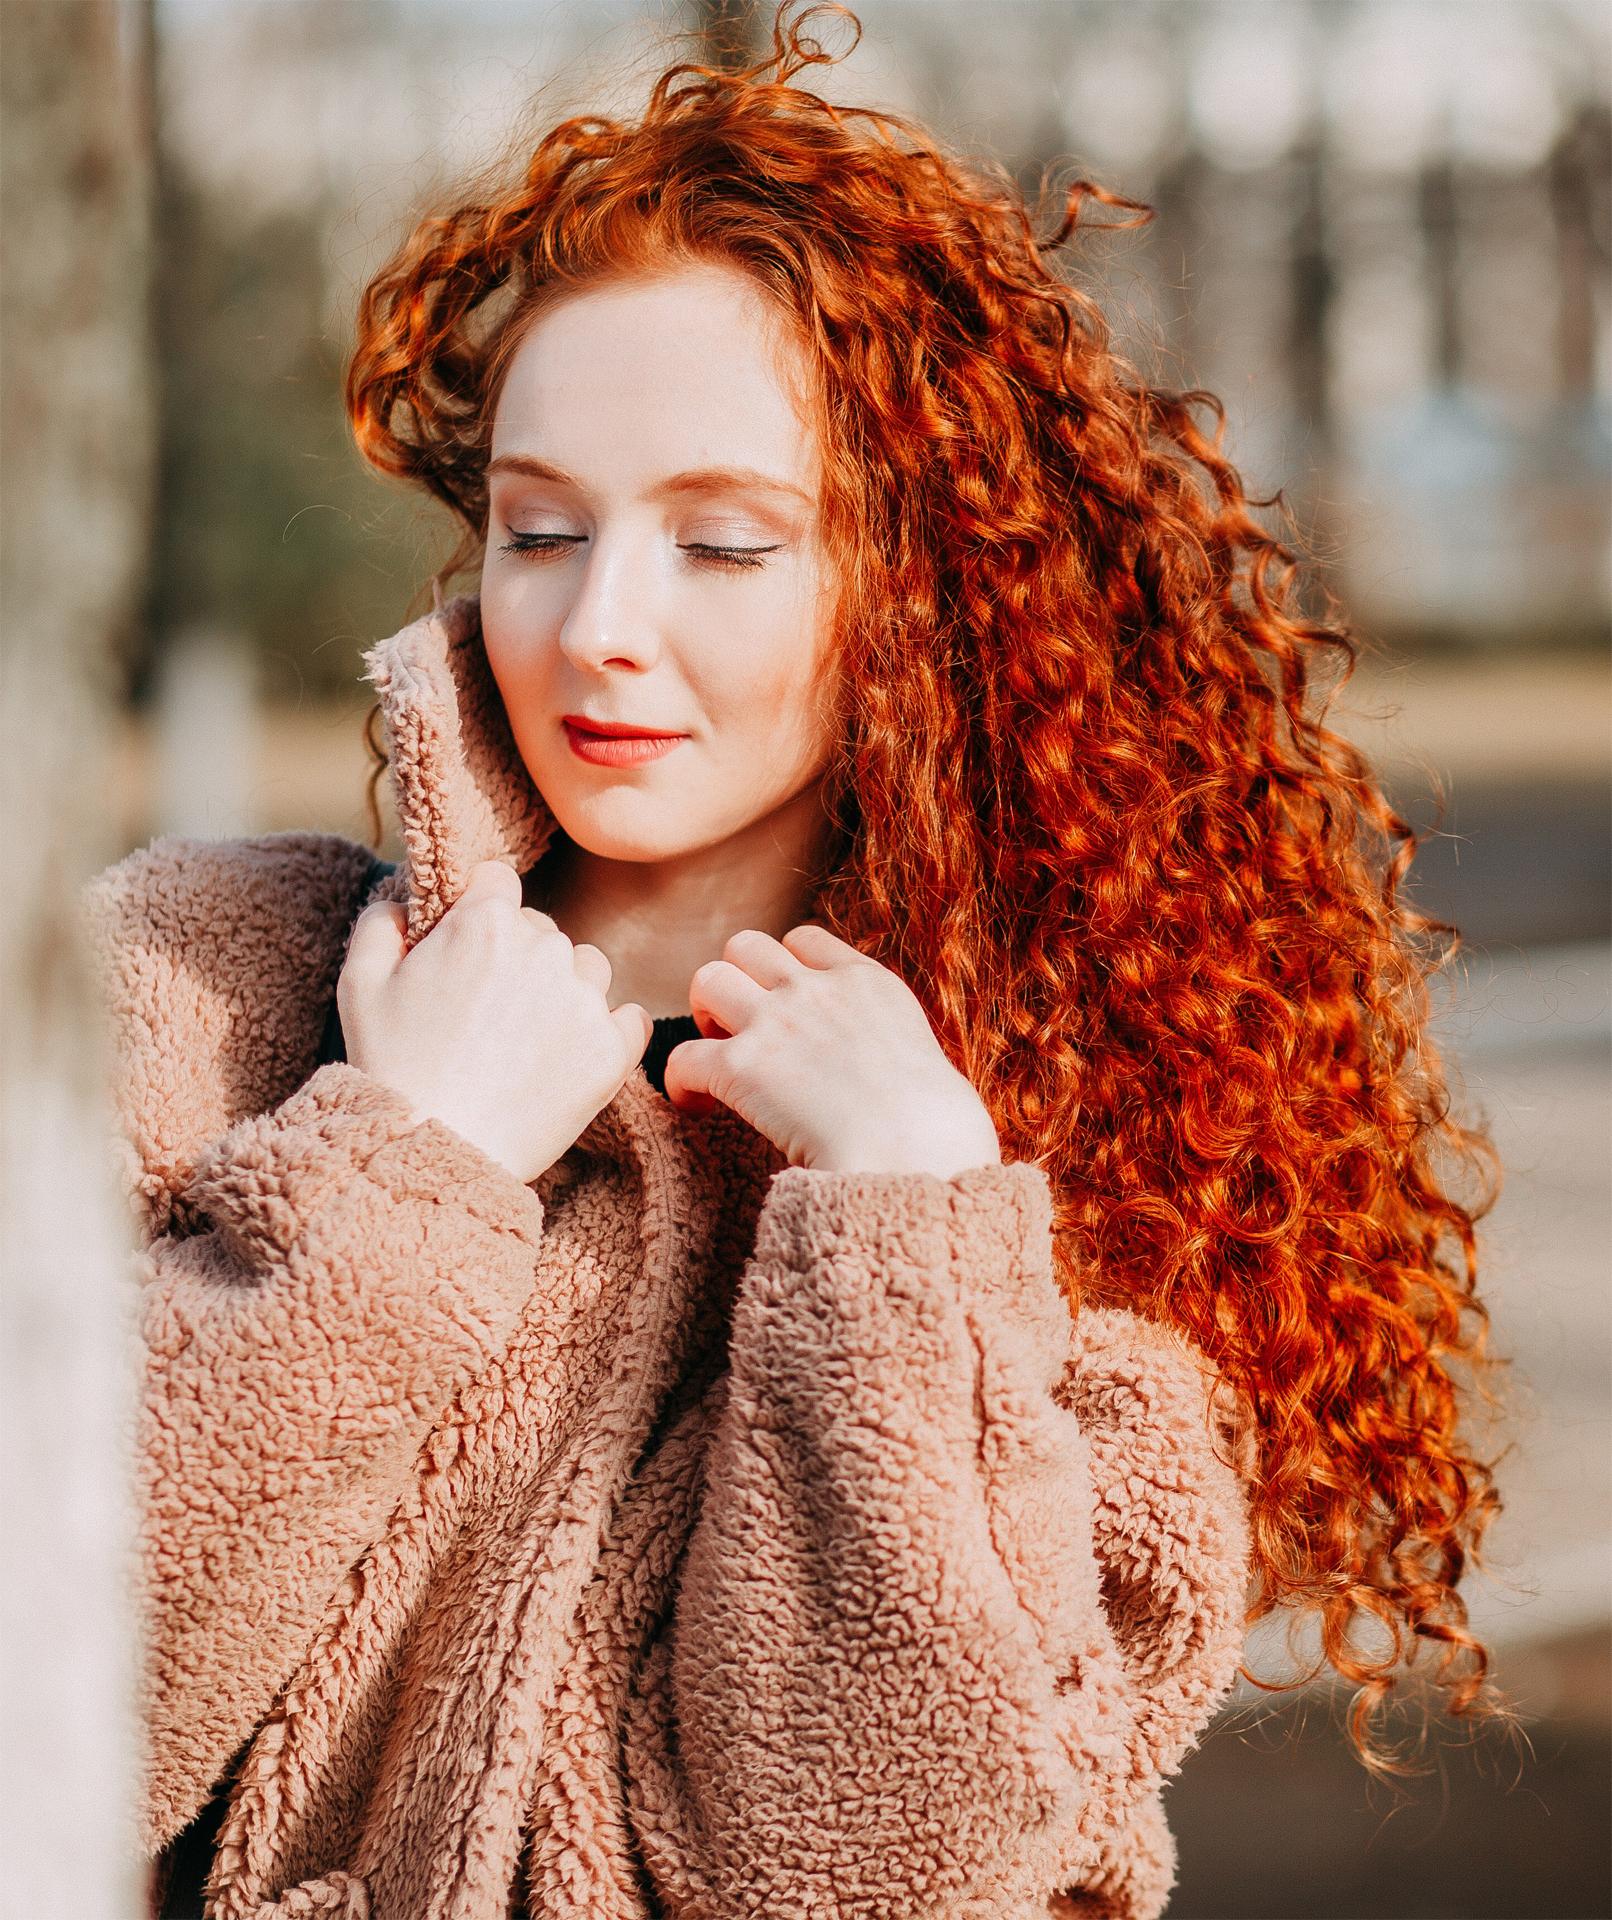 foggia e taglio dei capelli e linguaggio del corpo